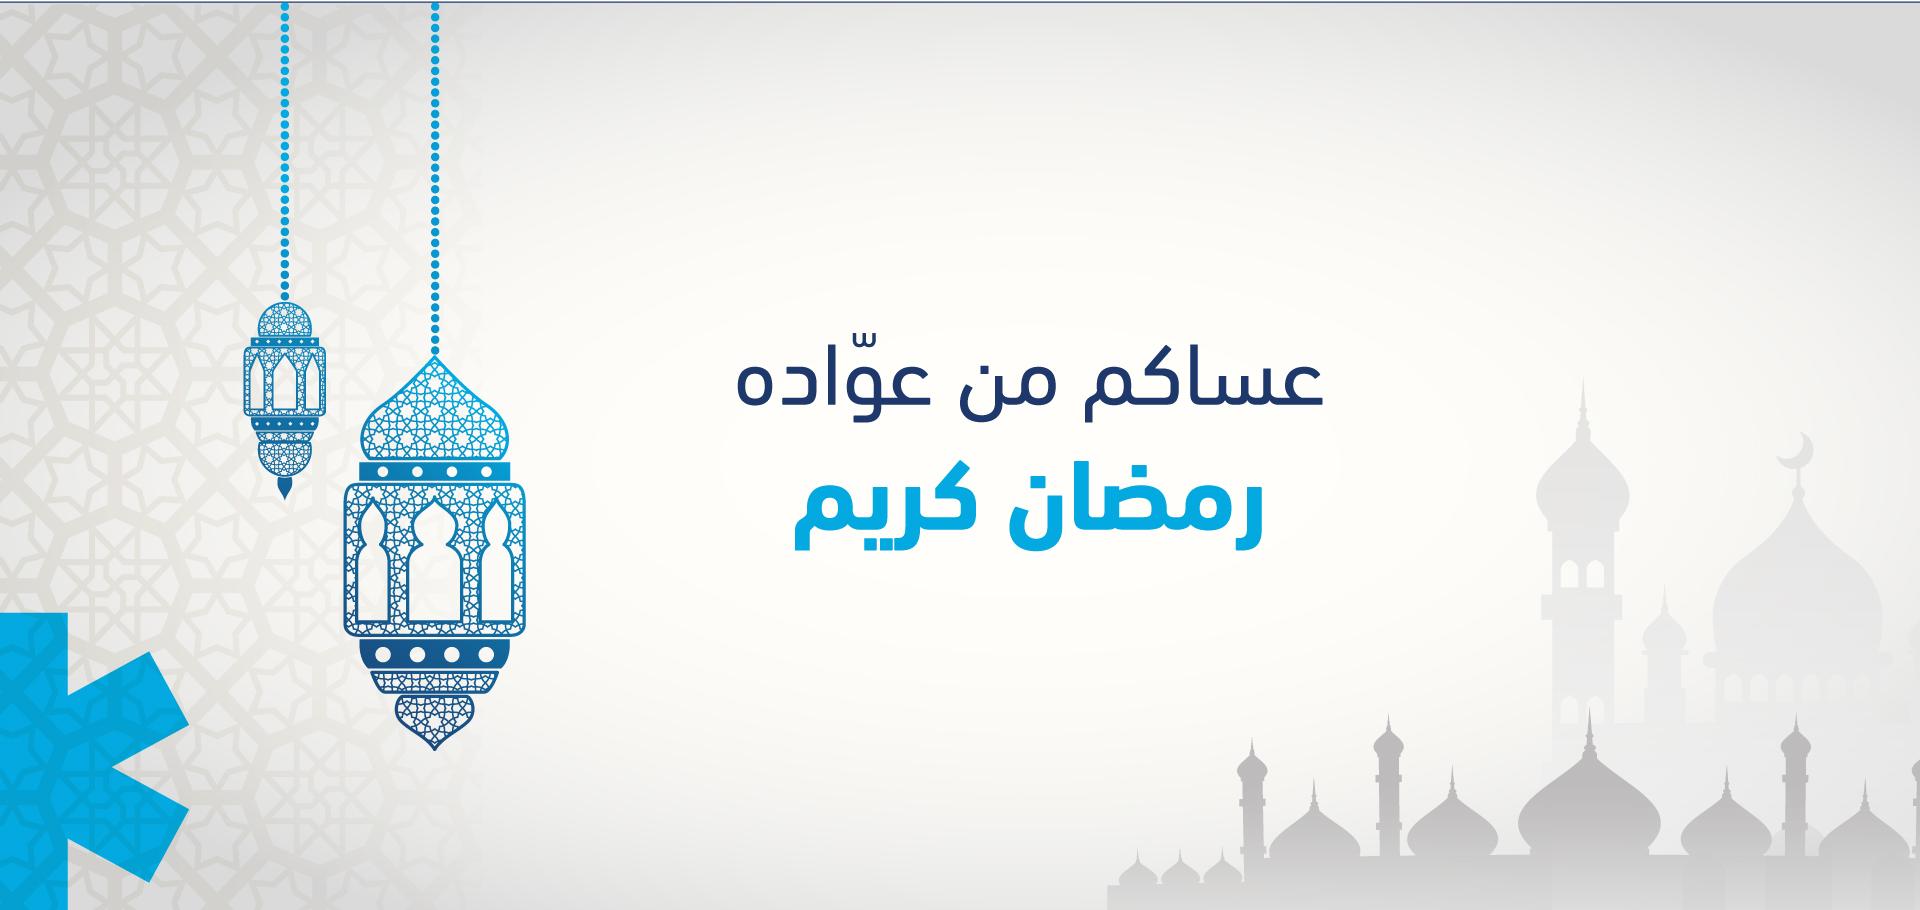 ramadanAr